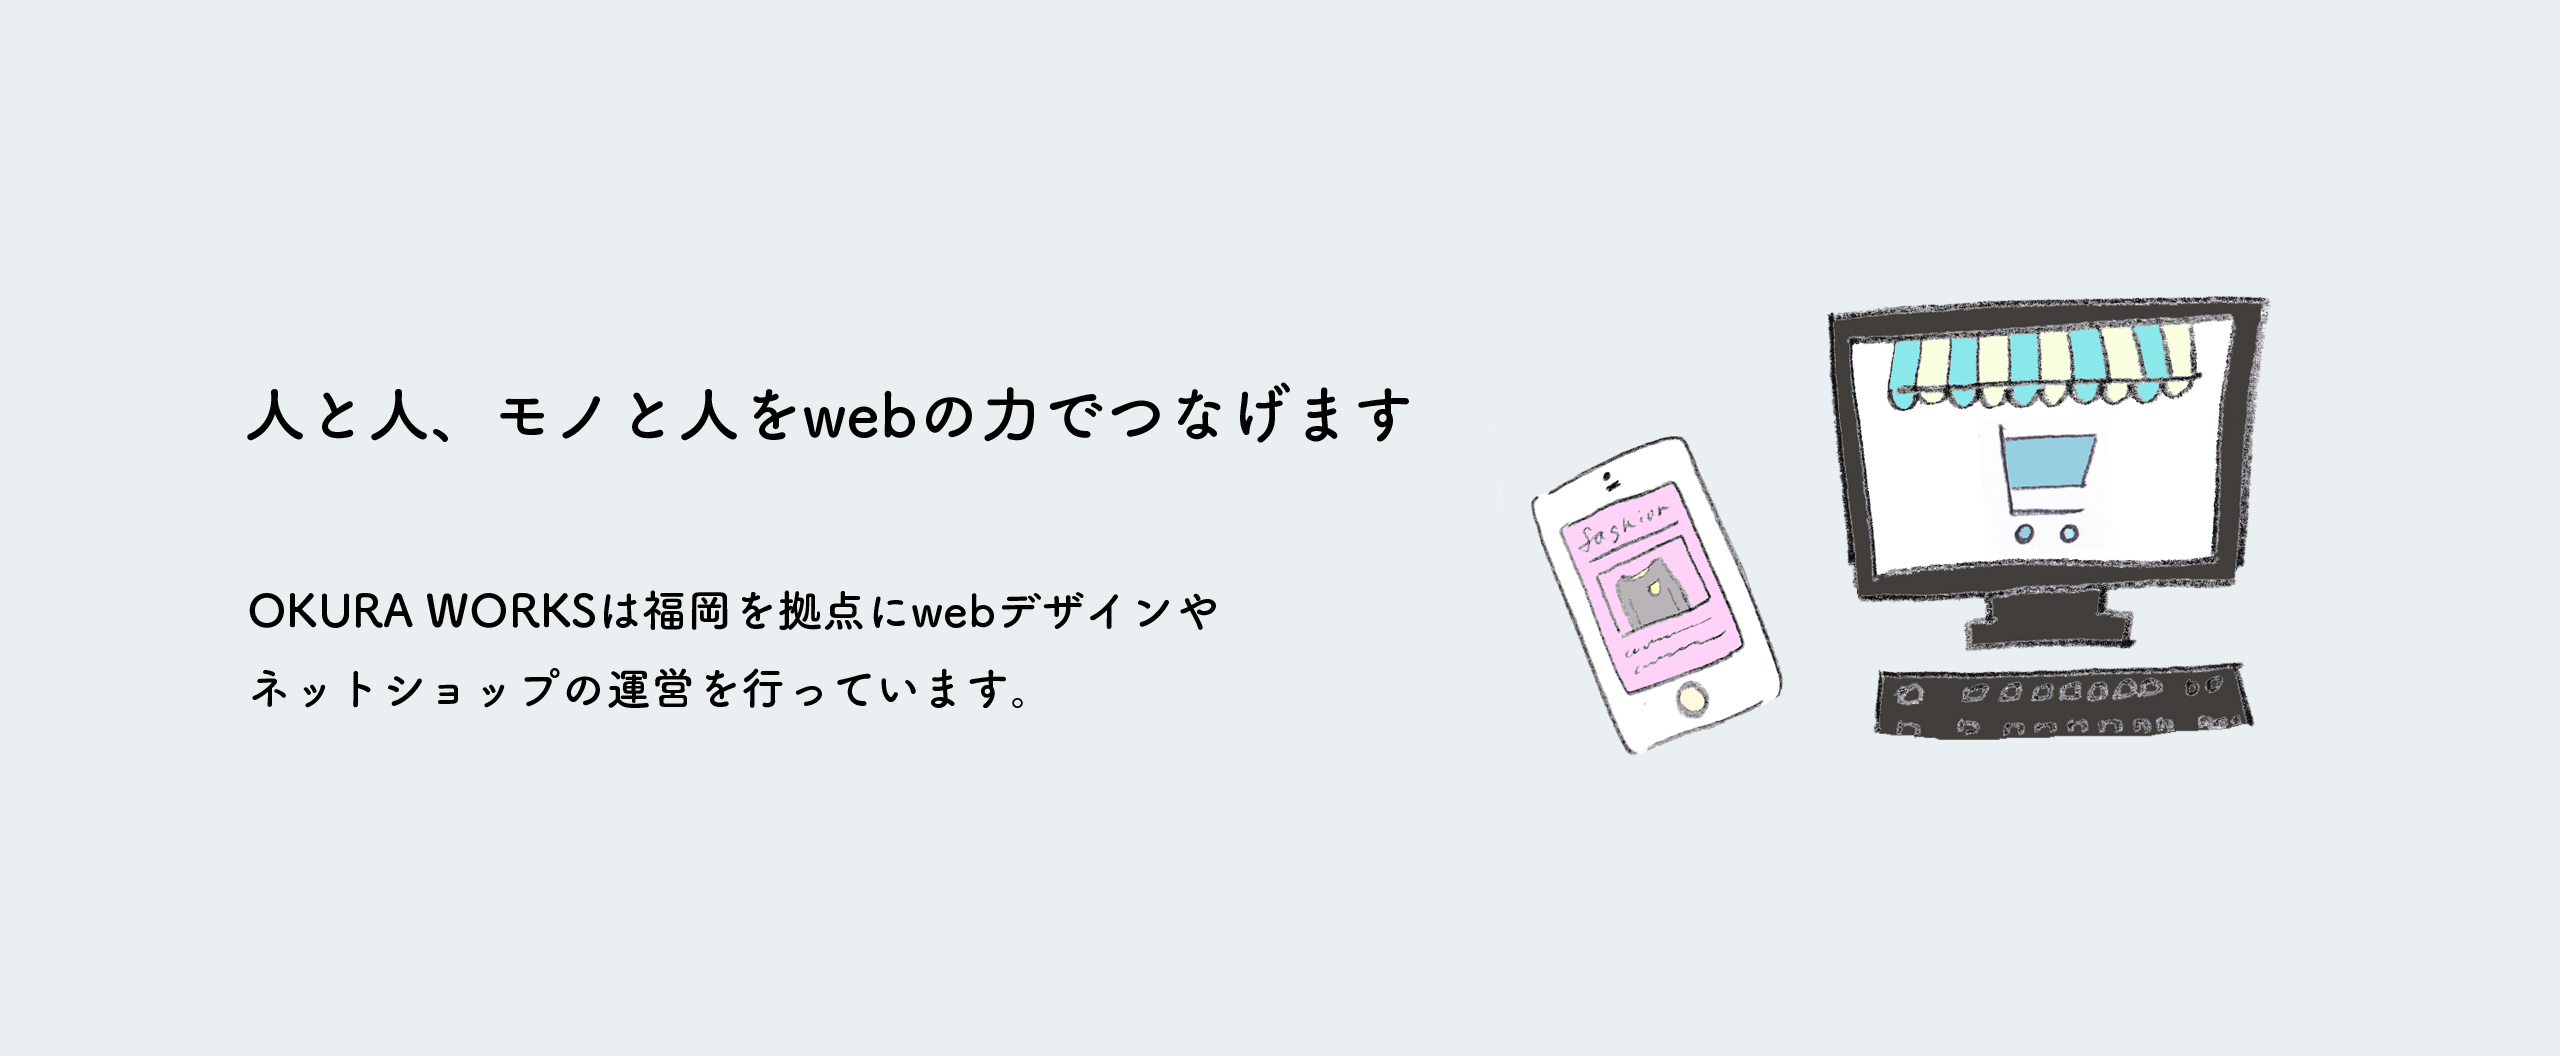 ホームページ作成やネットショップ運営を主に行っています。